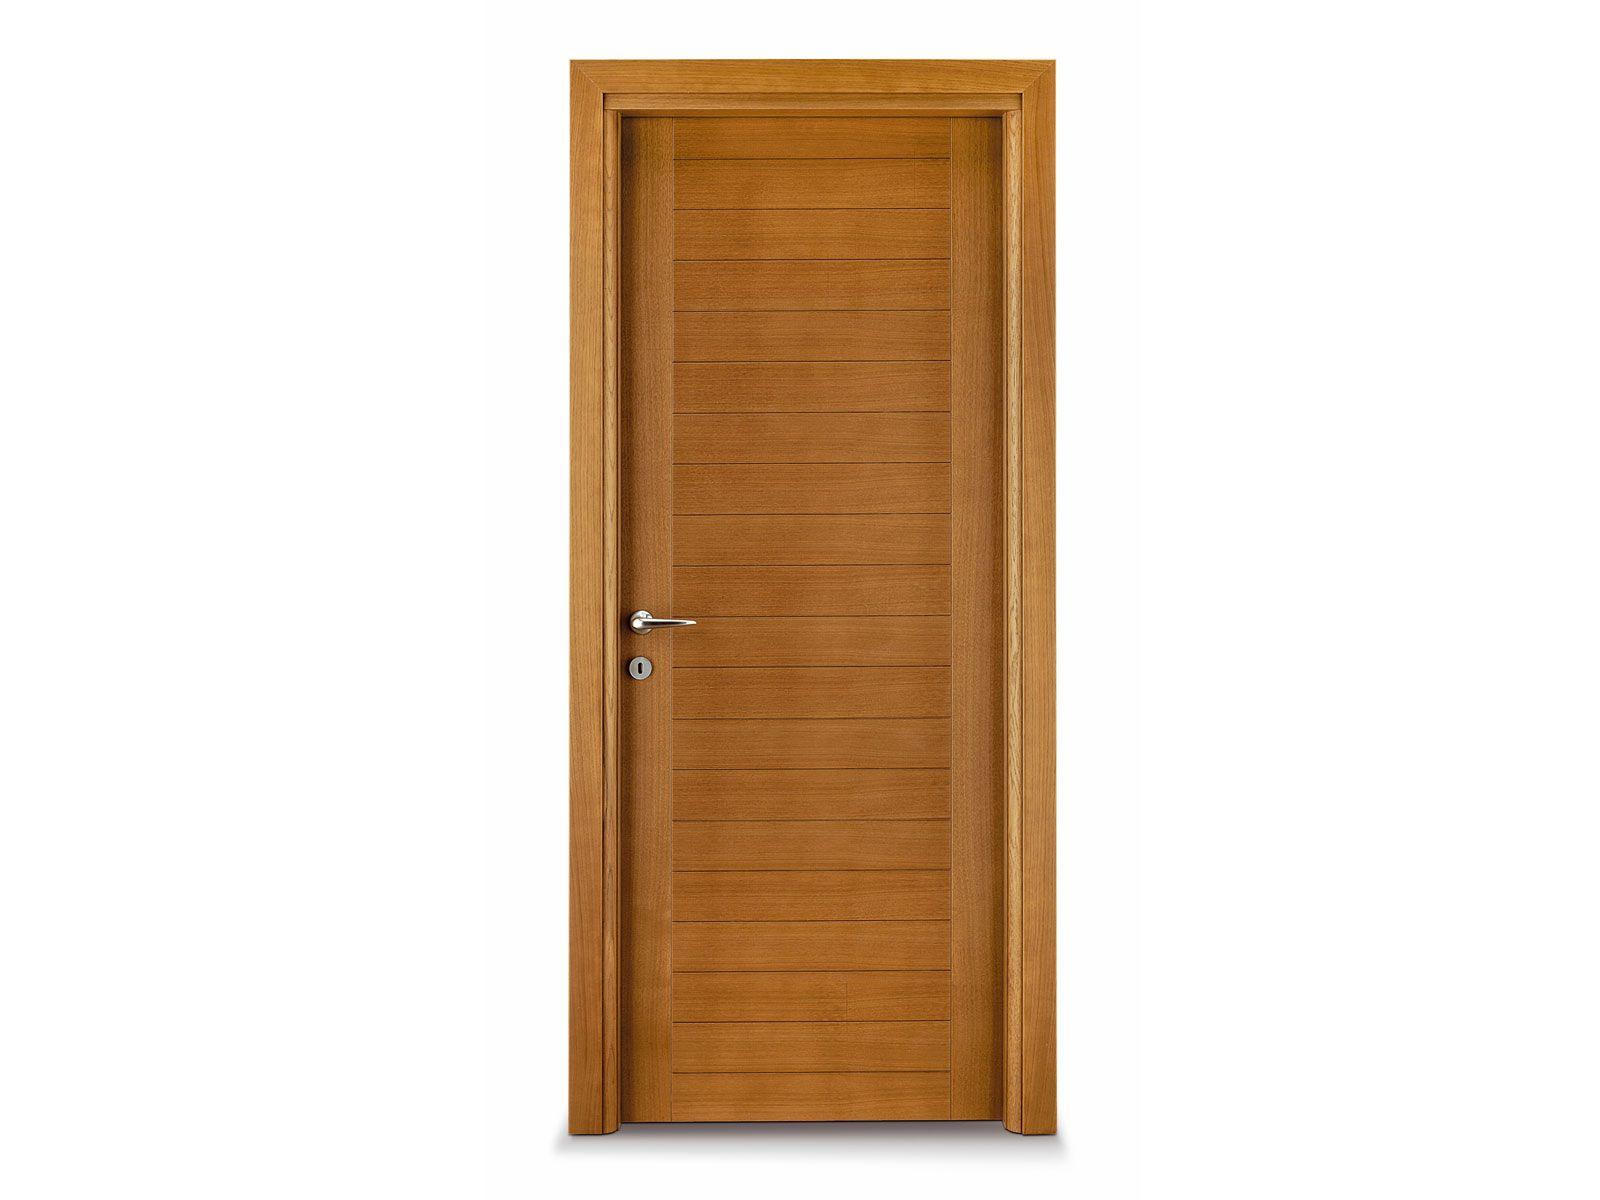 Puerta batiente de madera marina colecci n colore by - Imagenes de puertas de interior ...